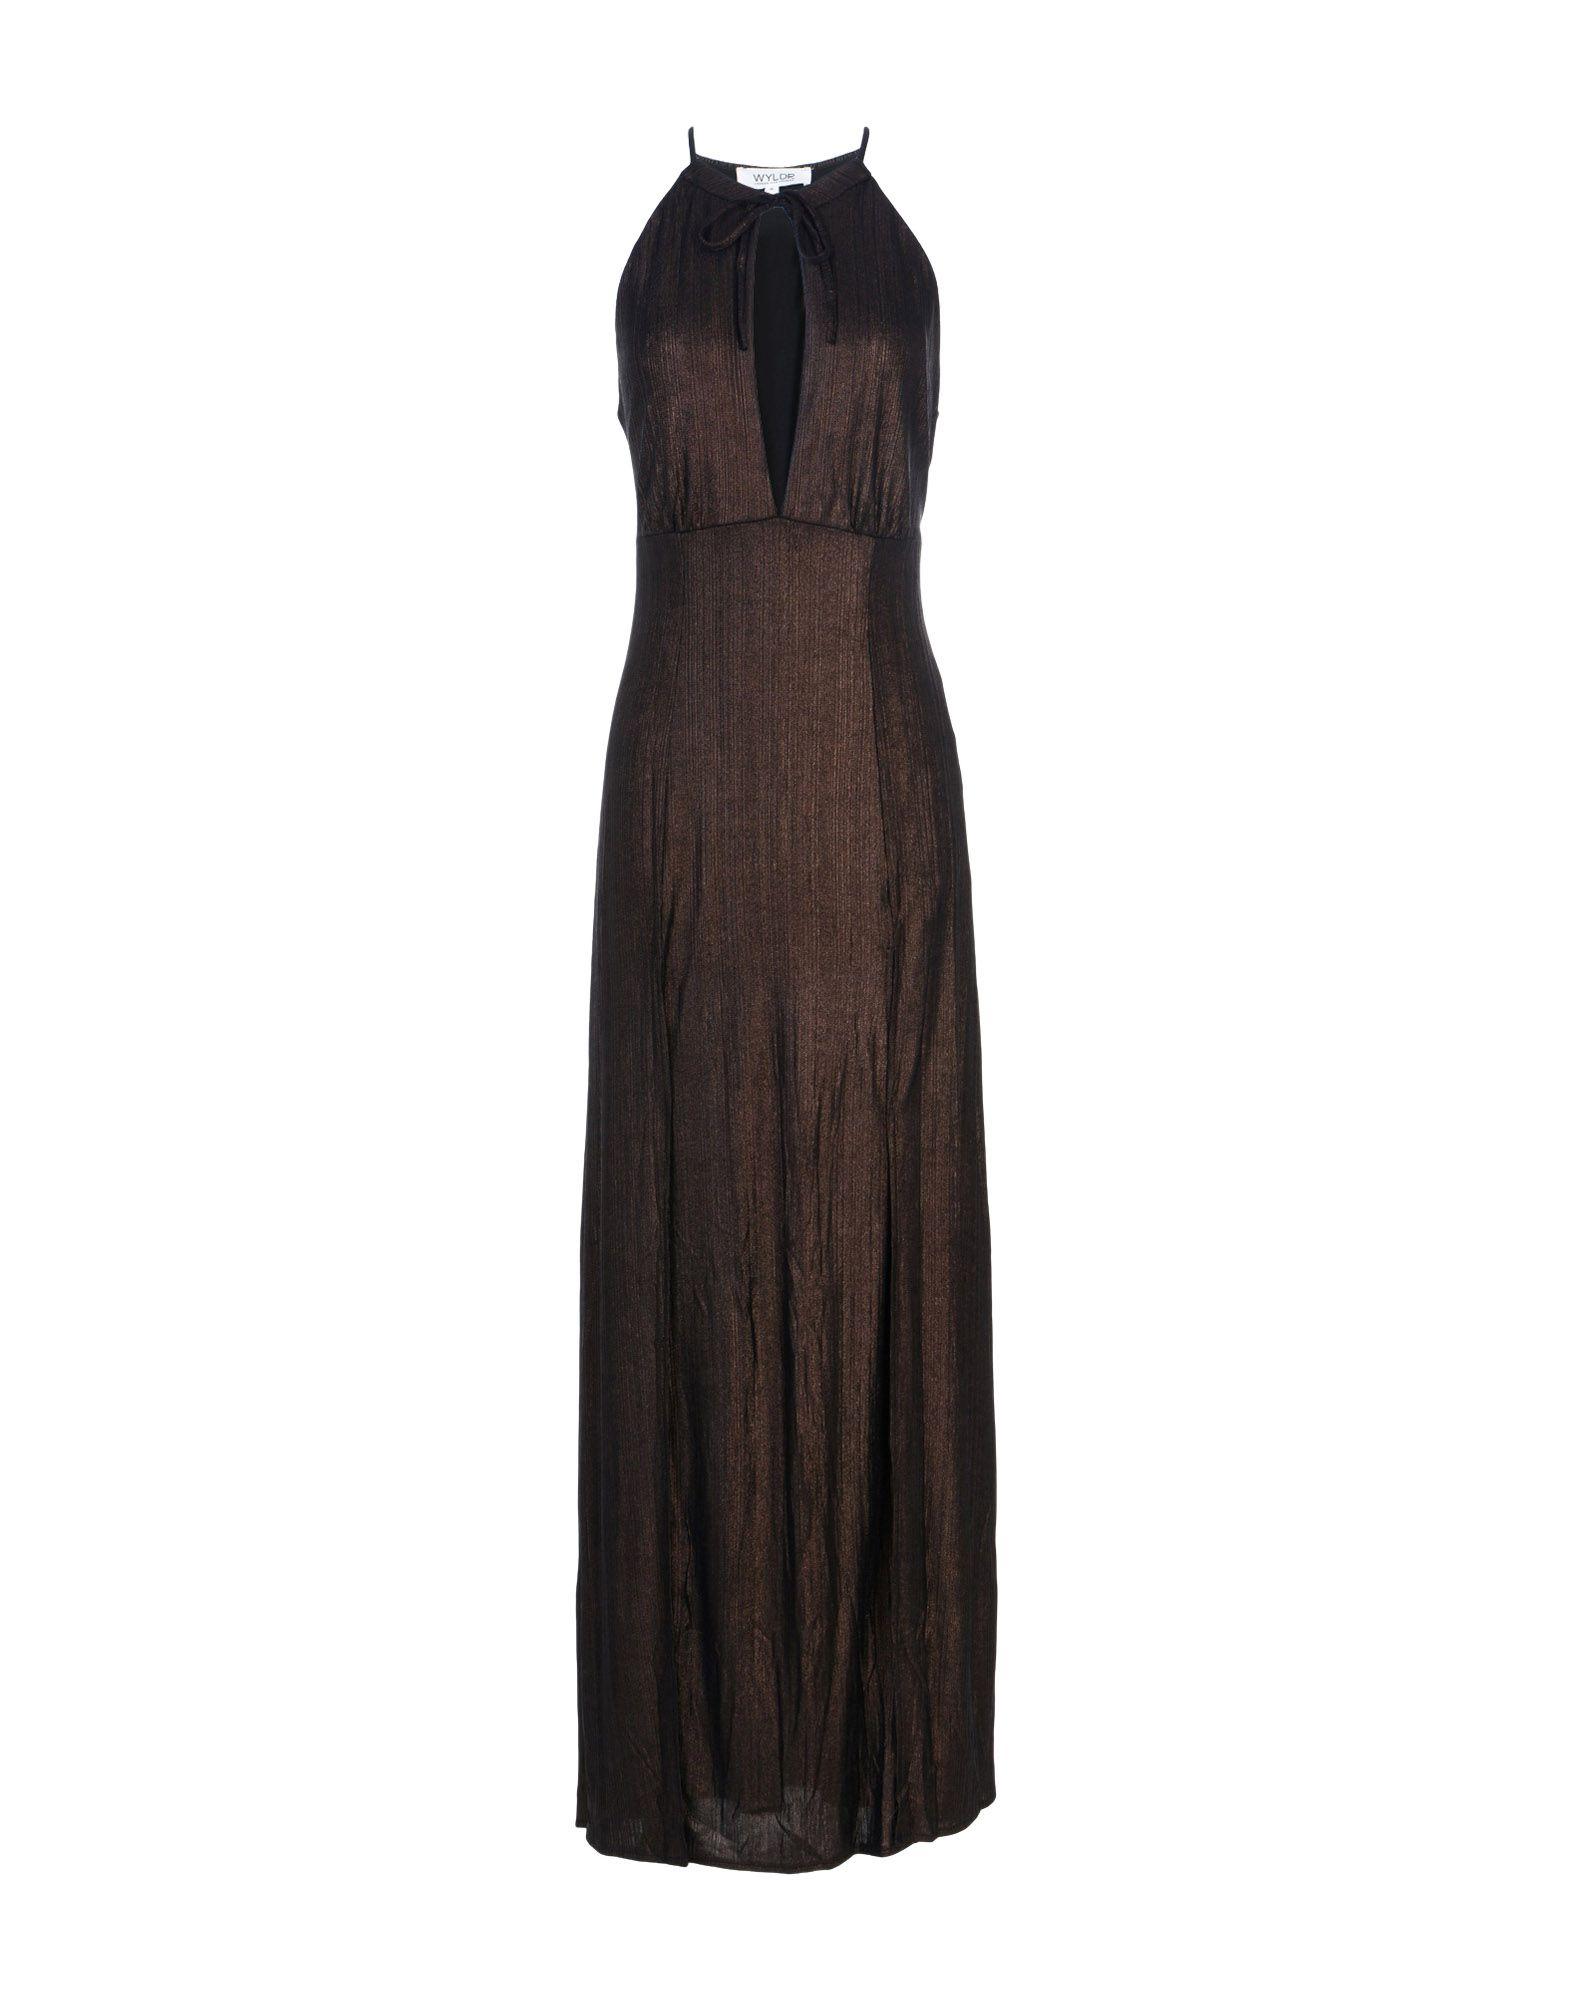 WYLDR Long Dress in Bronze